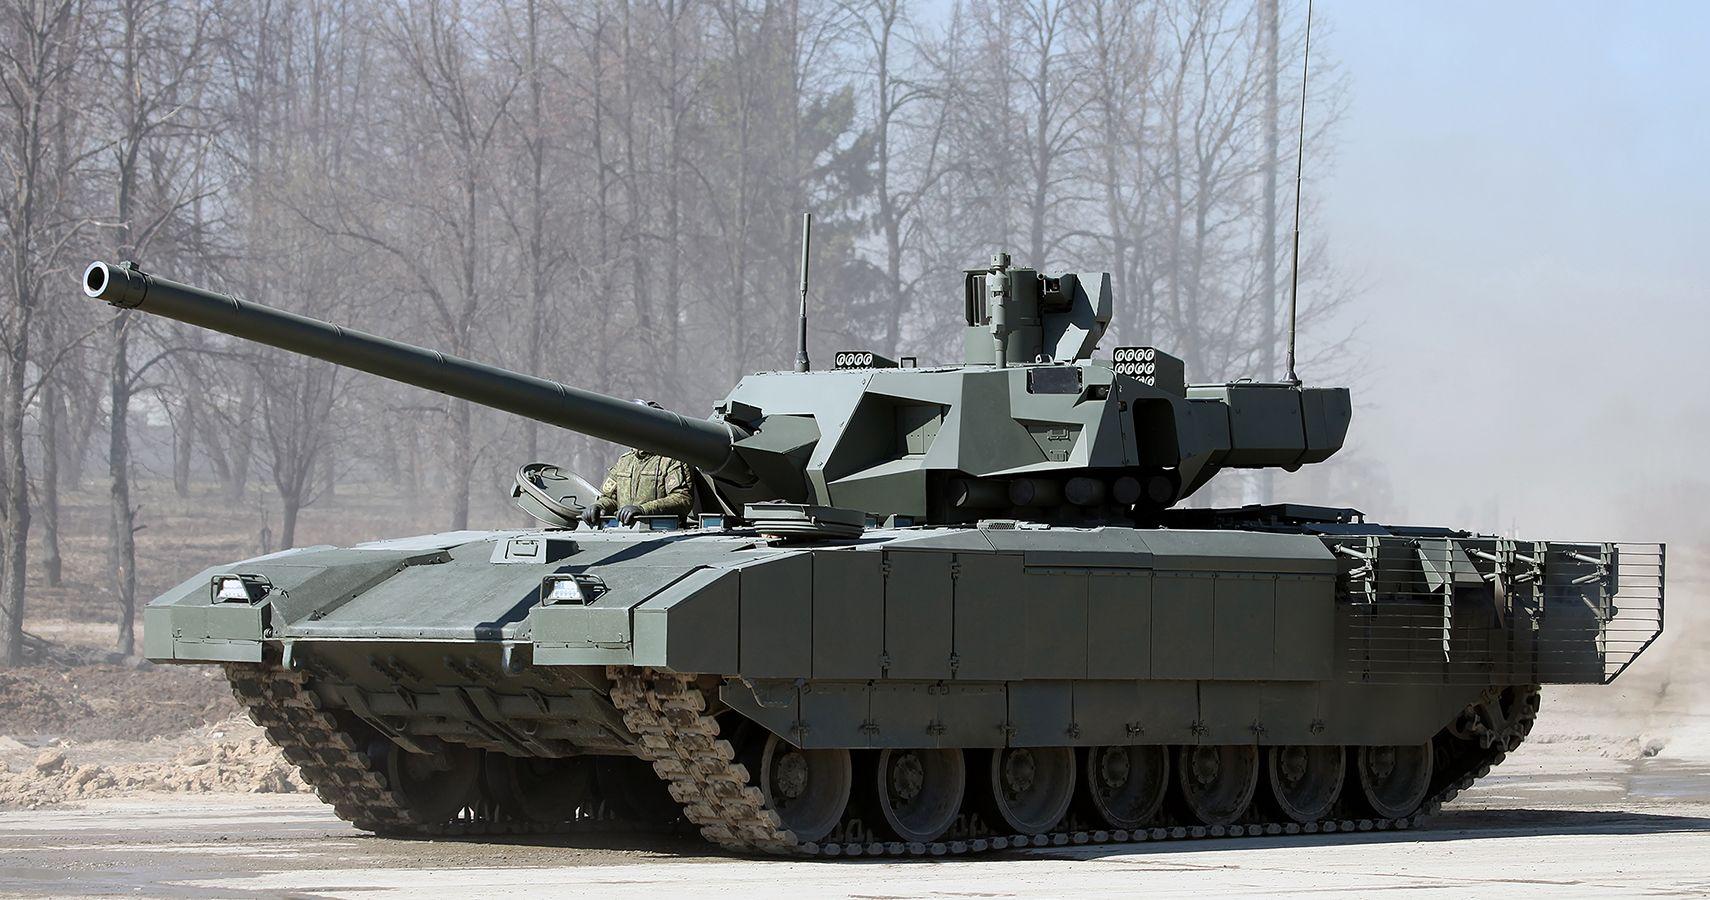 Irreconhecível: tanque russo T-14 Armata modernizado chega à perfeição